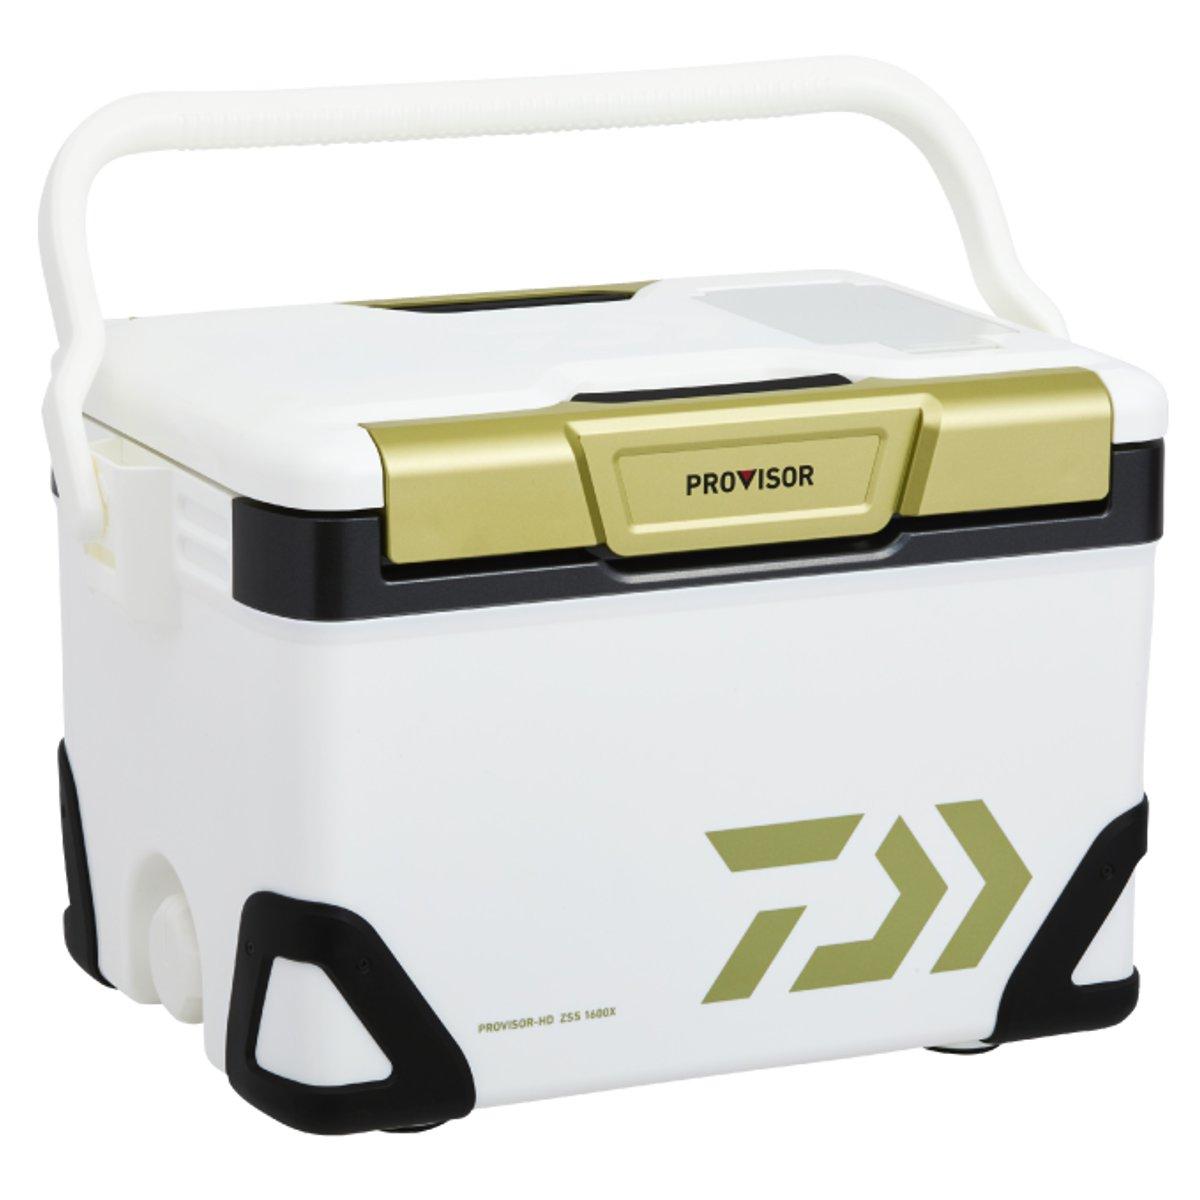 プロバイザー HD ZSS 1600X シャンパンゴールド クーラーボックス ダイワ【同梱不可】